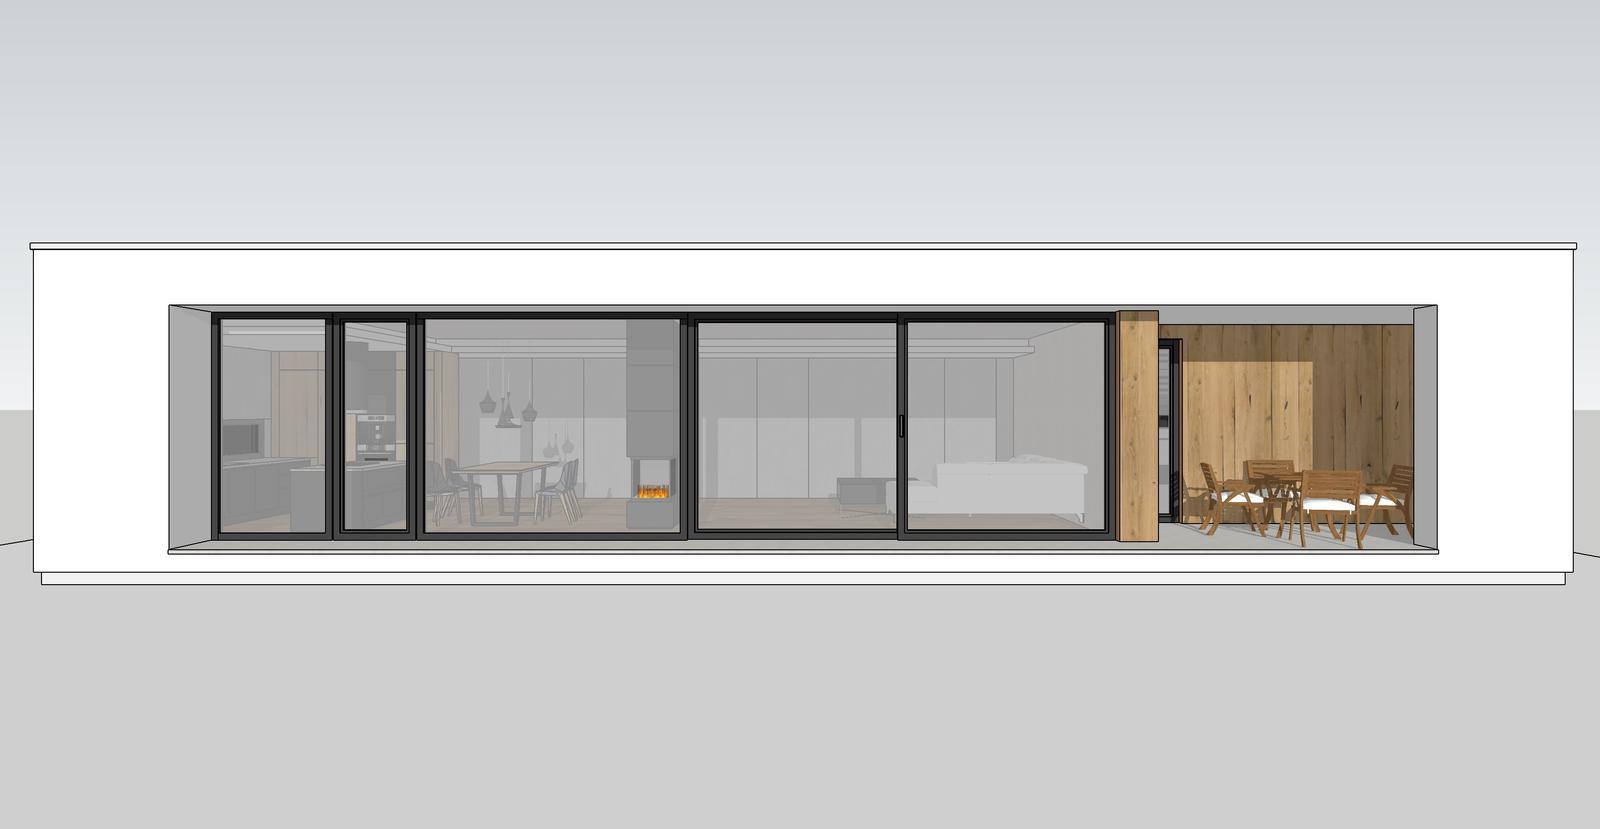 Dom vizualizacia - Obrázok č. 1